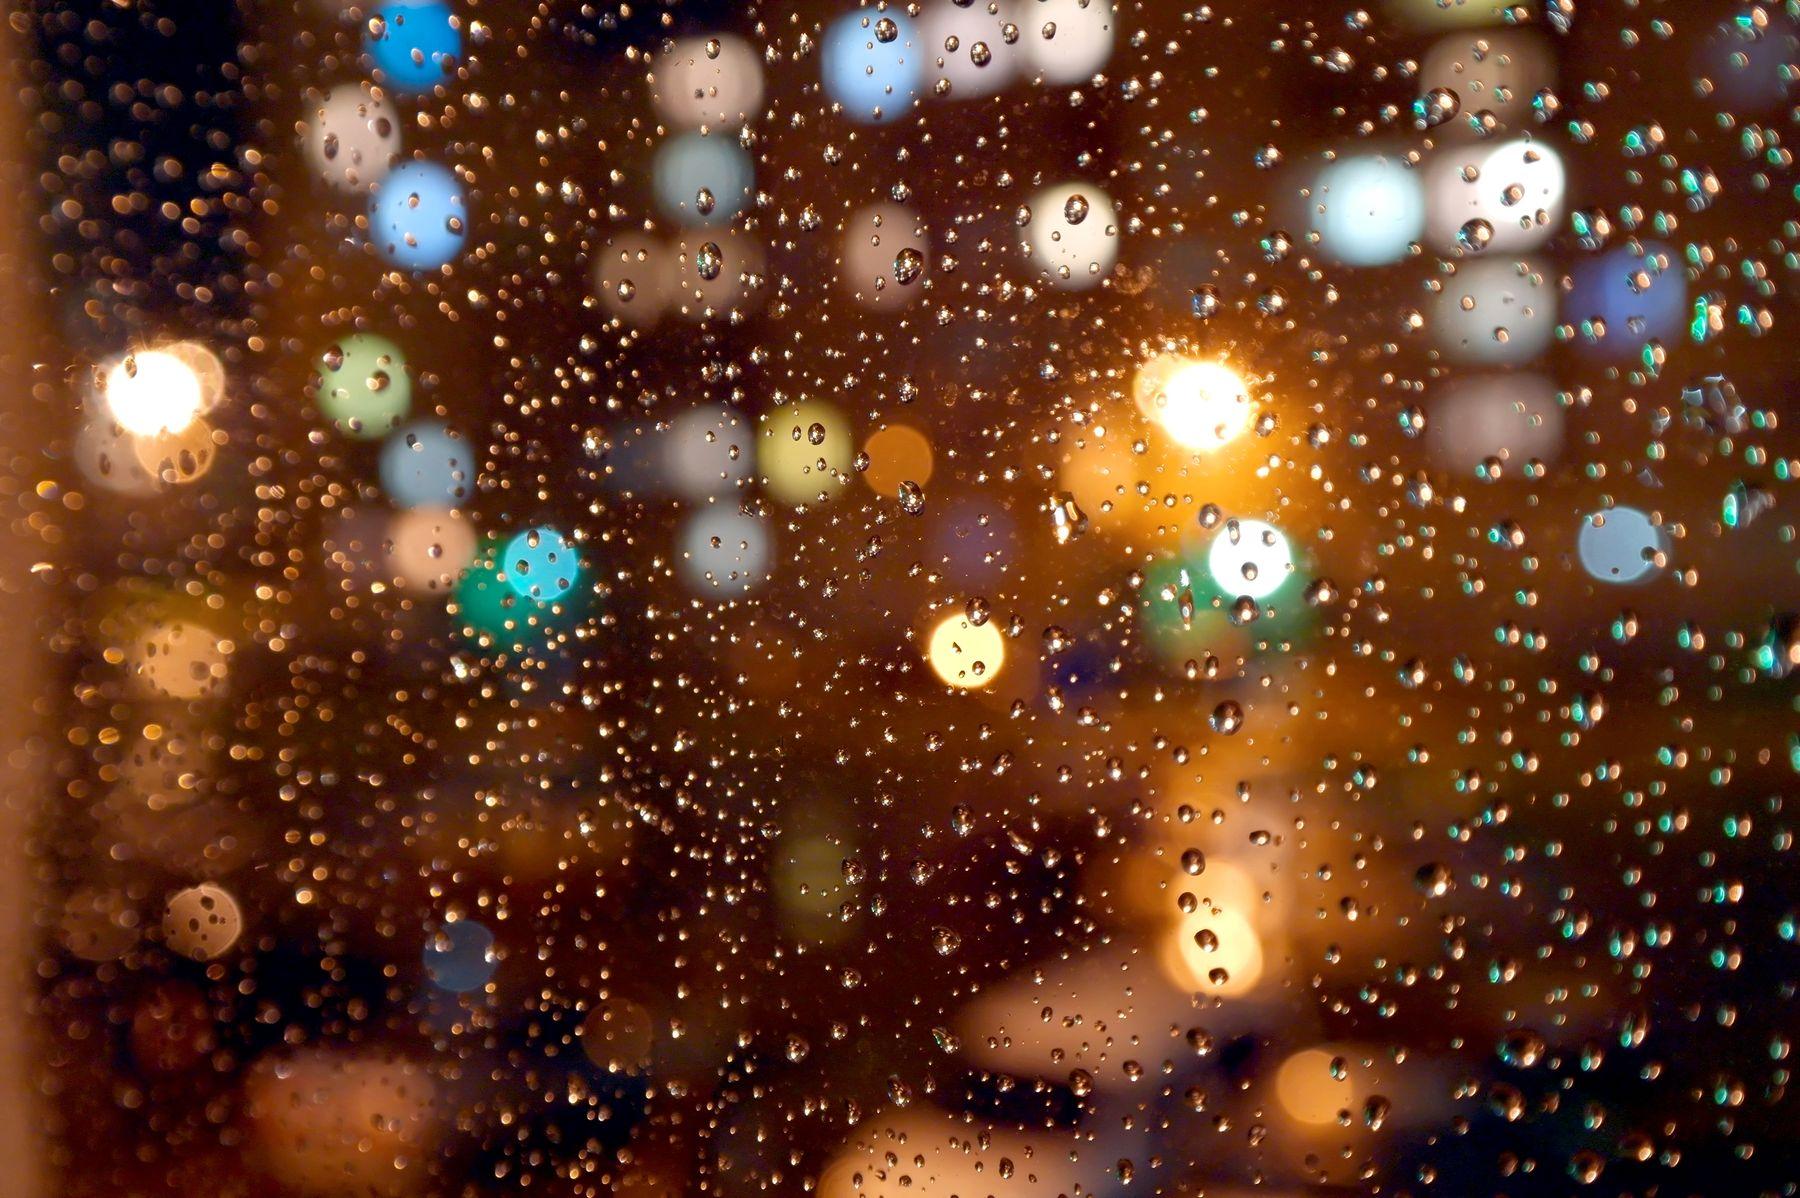 За окном дождь